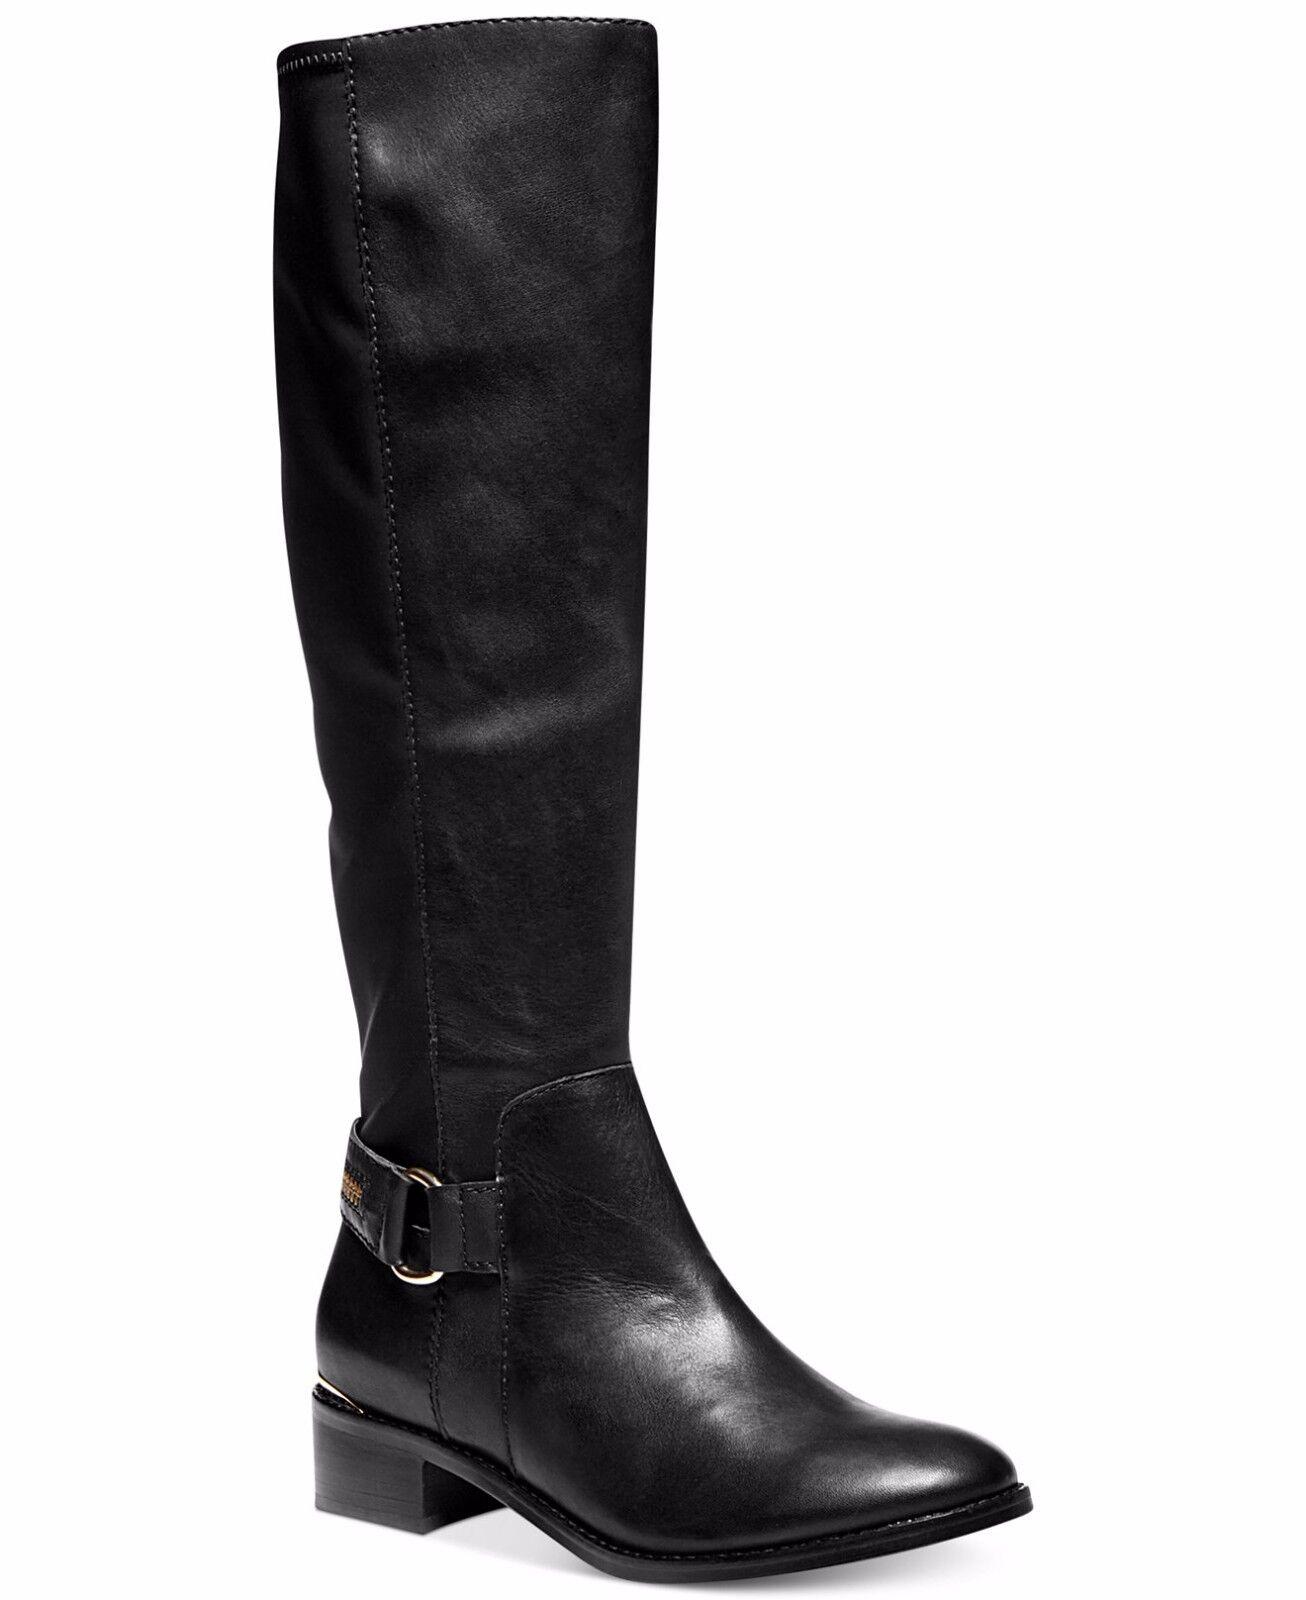 100% di contro garanzia genuina Steve Madden Madden Madden Ryperr nero Leather Fashion Knee-Hi avvio w Zipper Detail, 6M,  169  Garanzia del prezzo al 100%